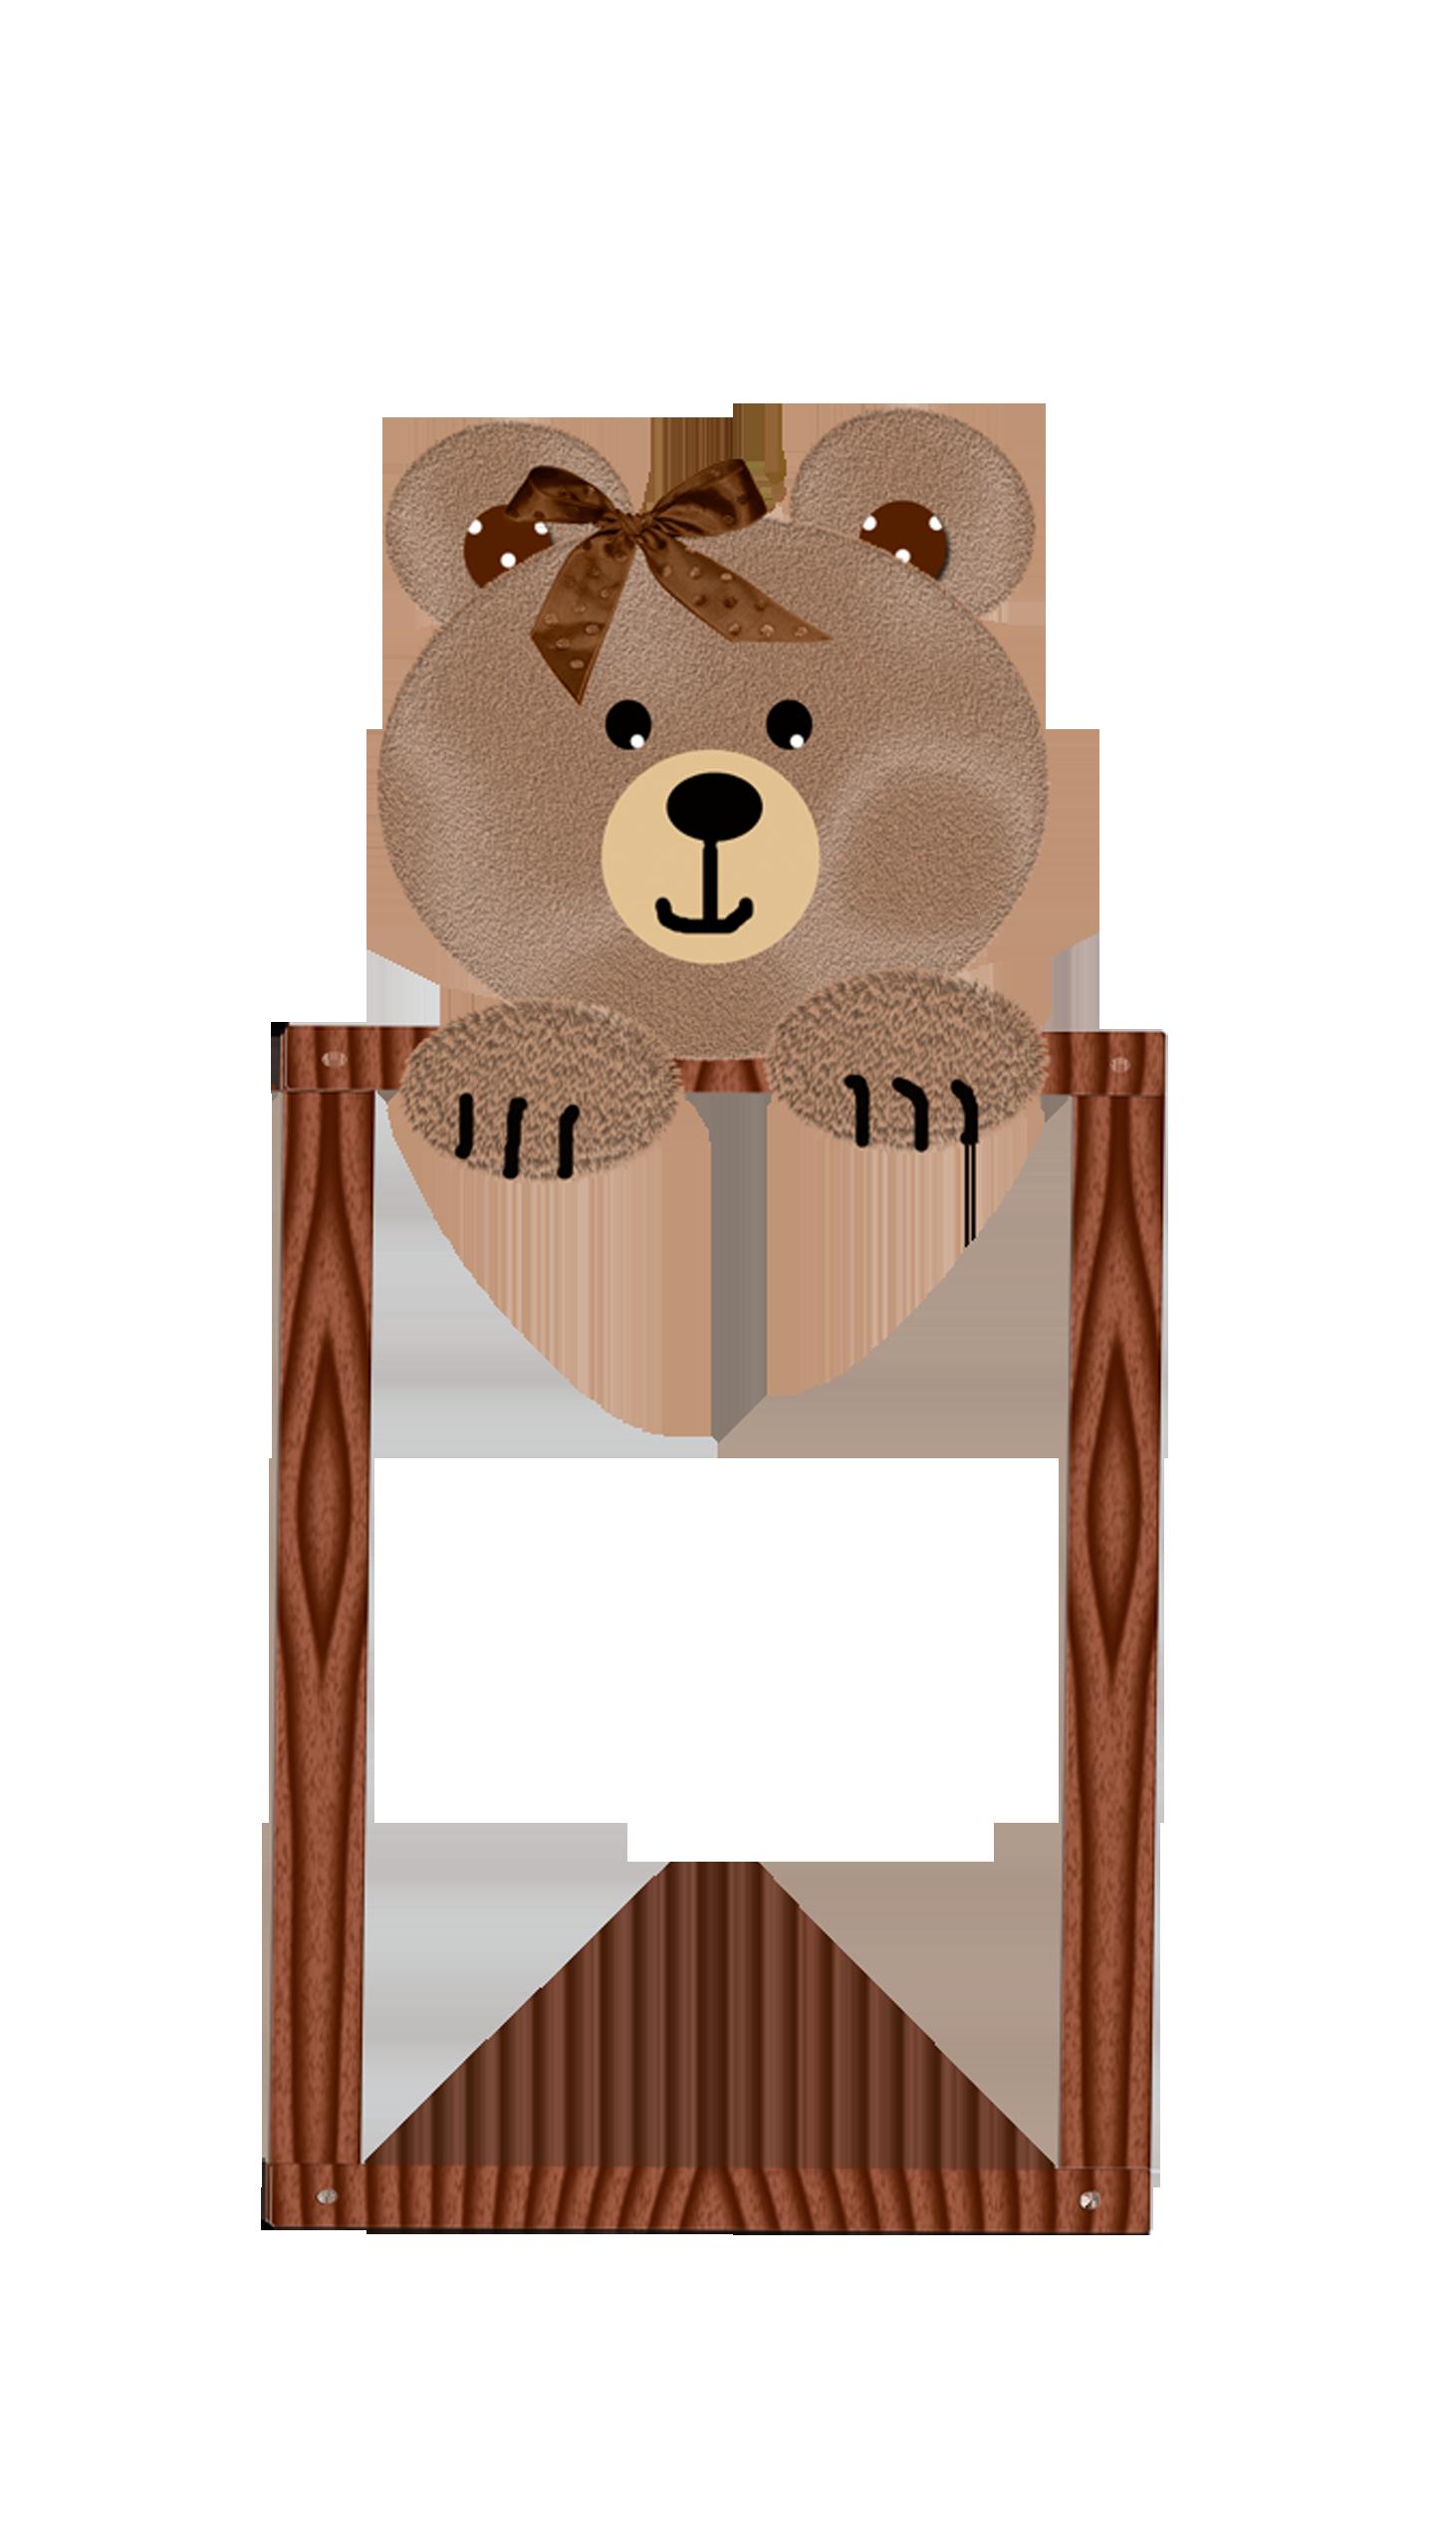 TEDDY BEAR CLIP ART | CLIP ART - T. BEARS #1 - CLIPART ...